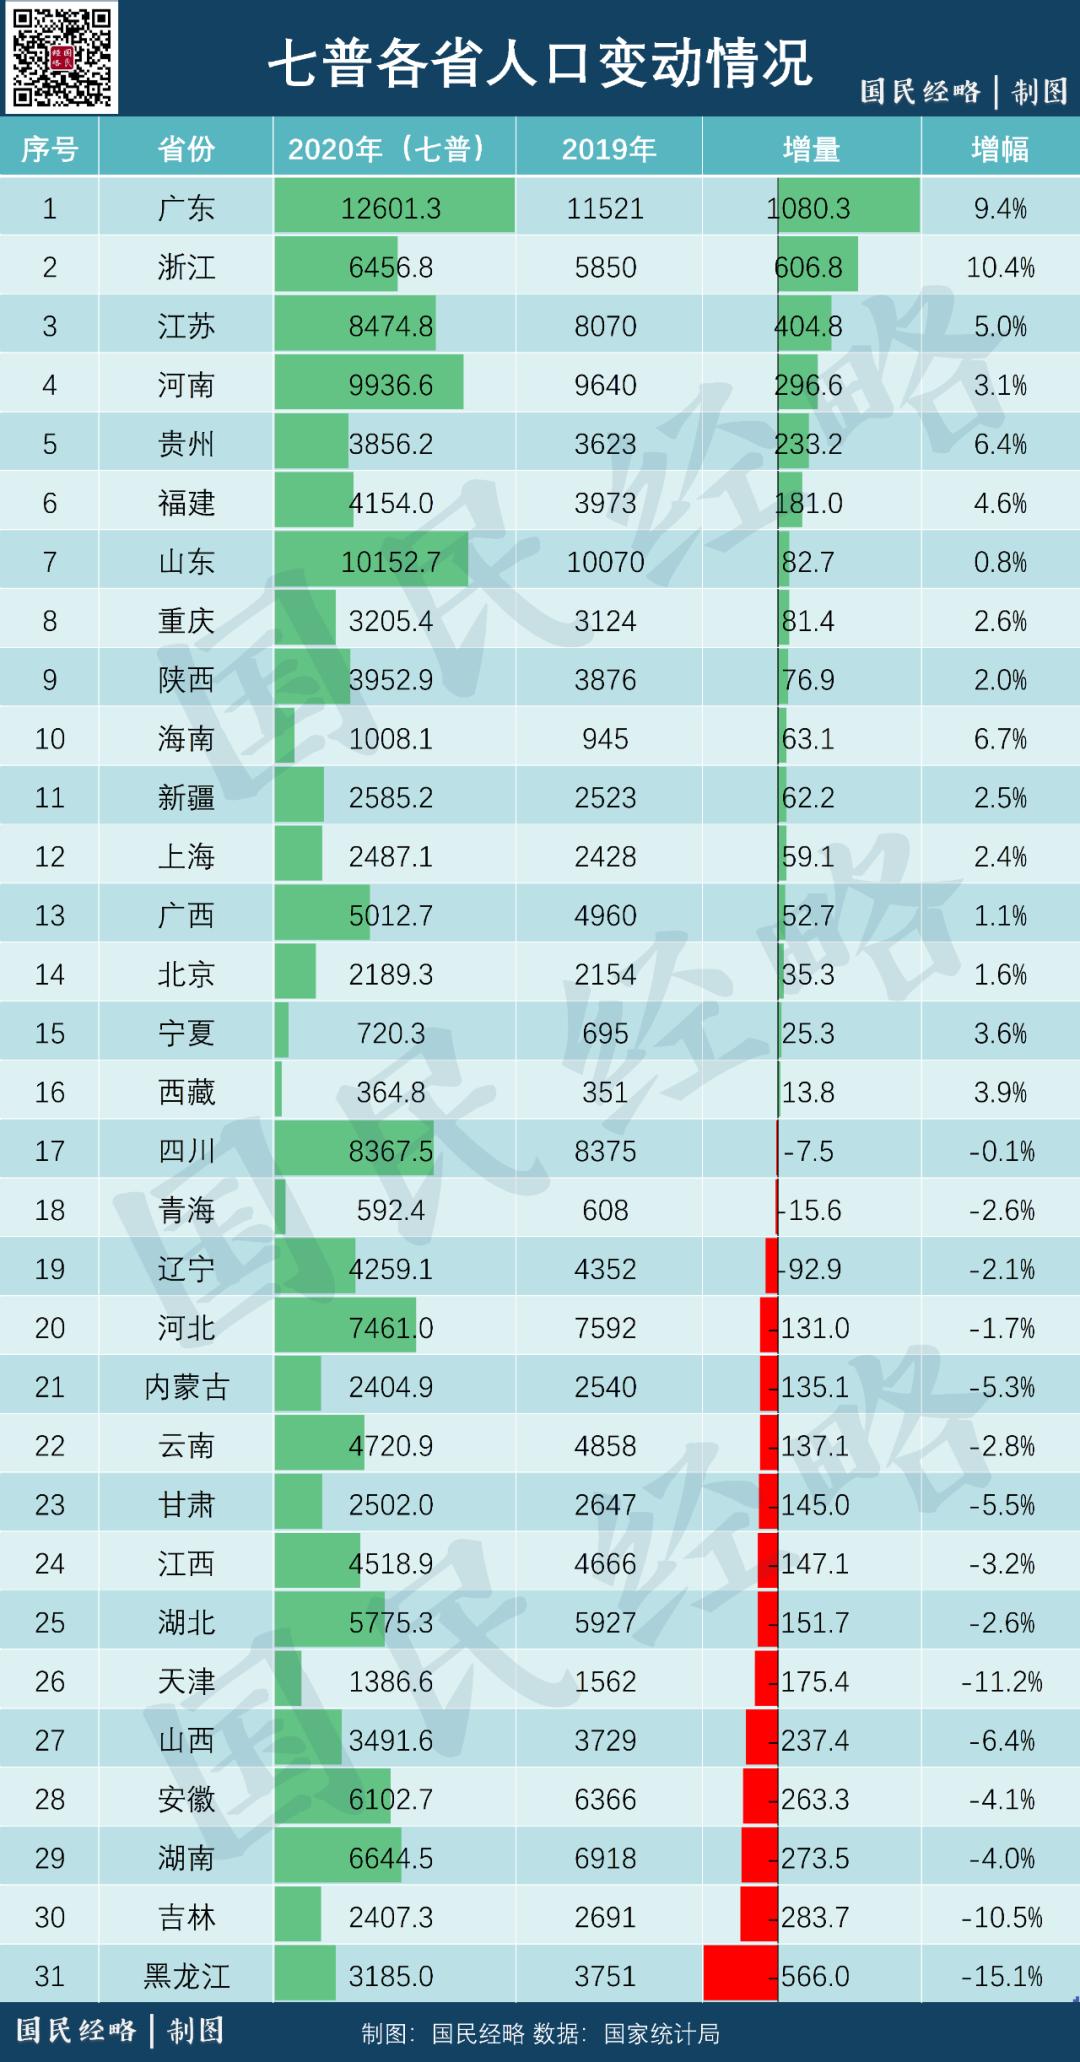 中国各省人口数_2017年中国各省市总人口数量排行榜